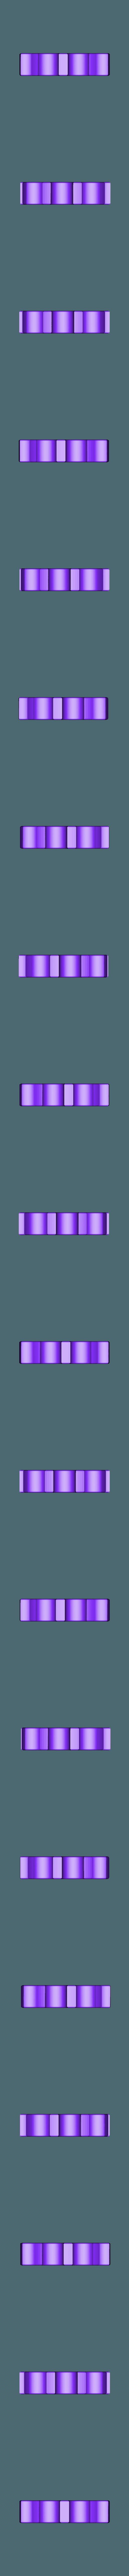 MOLETTE M8 v1.stl Download free STL file Adjustment wheel M8 • 3D print design, mmdw2009